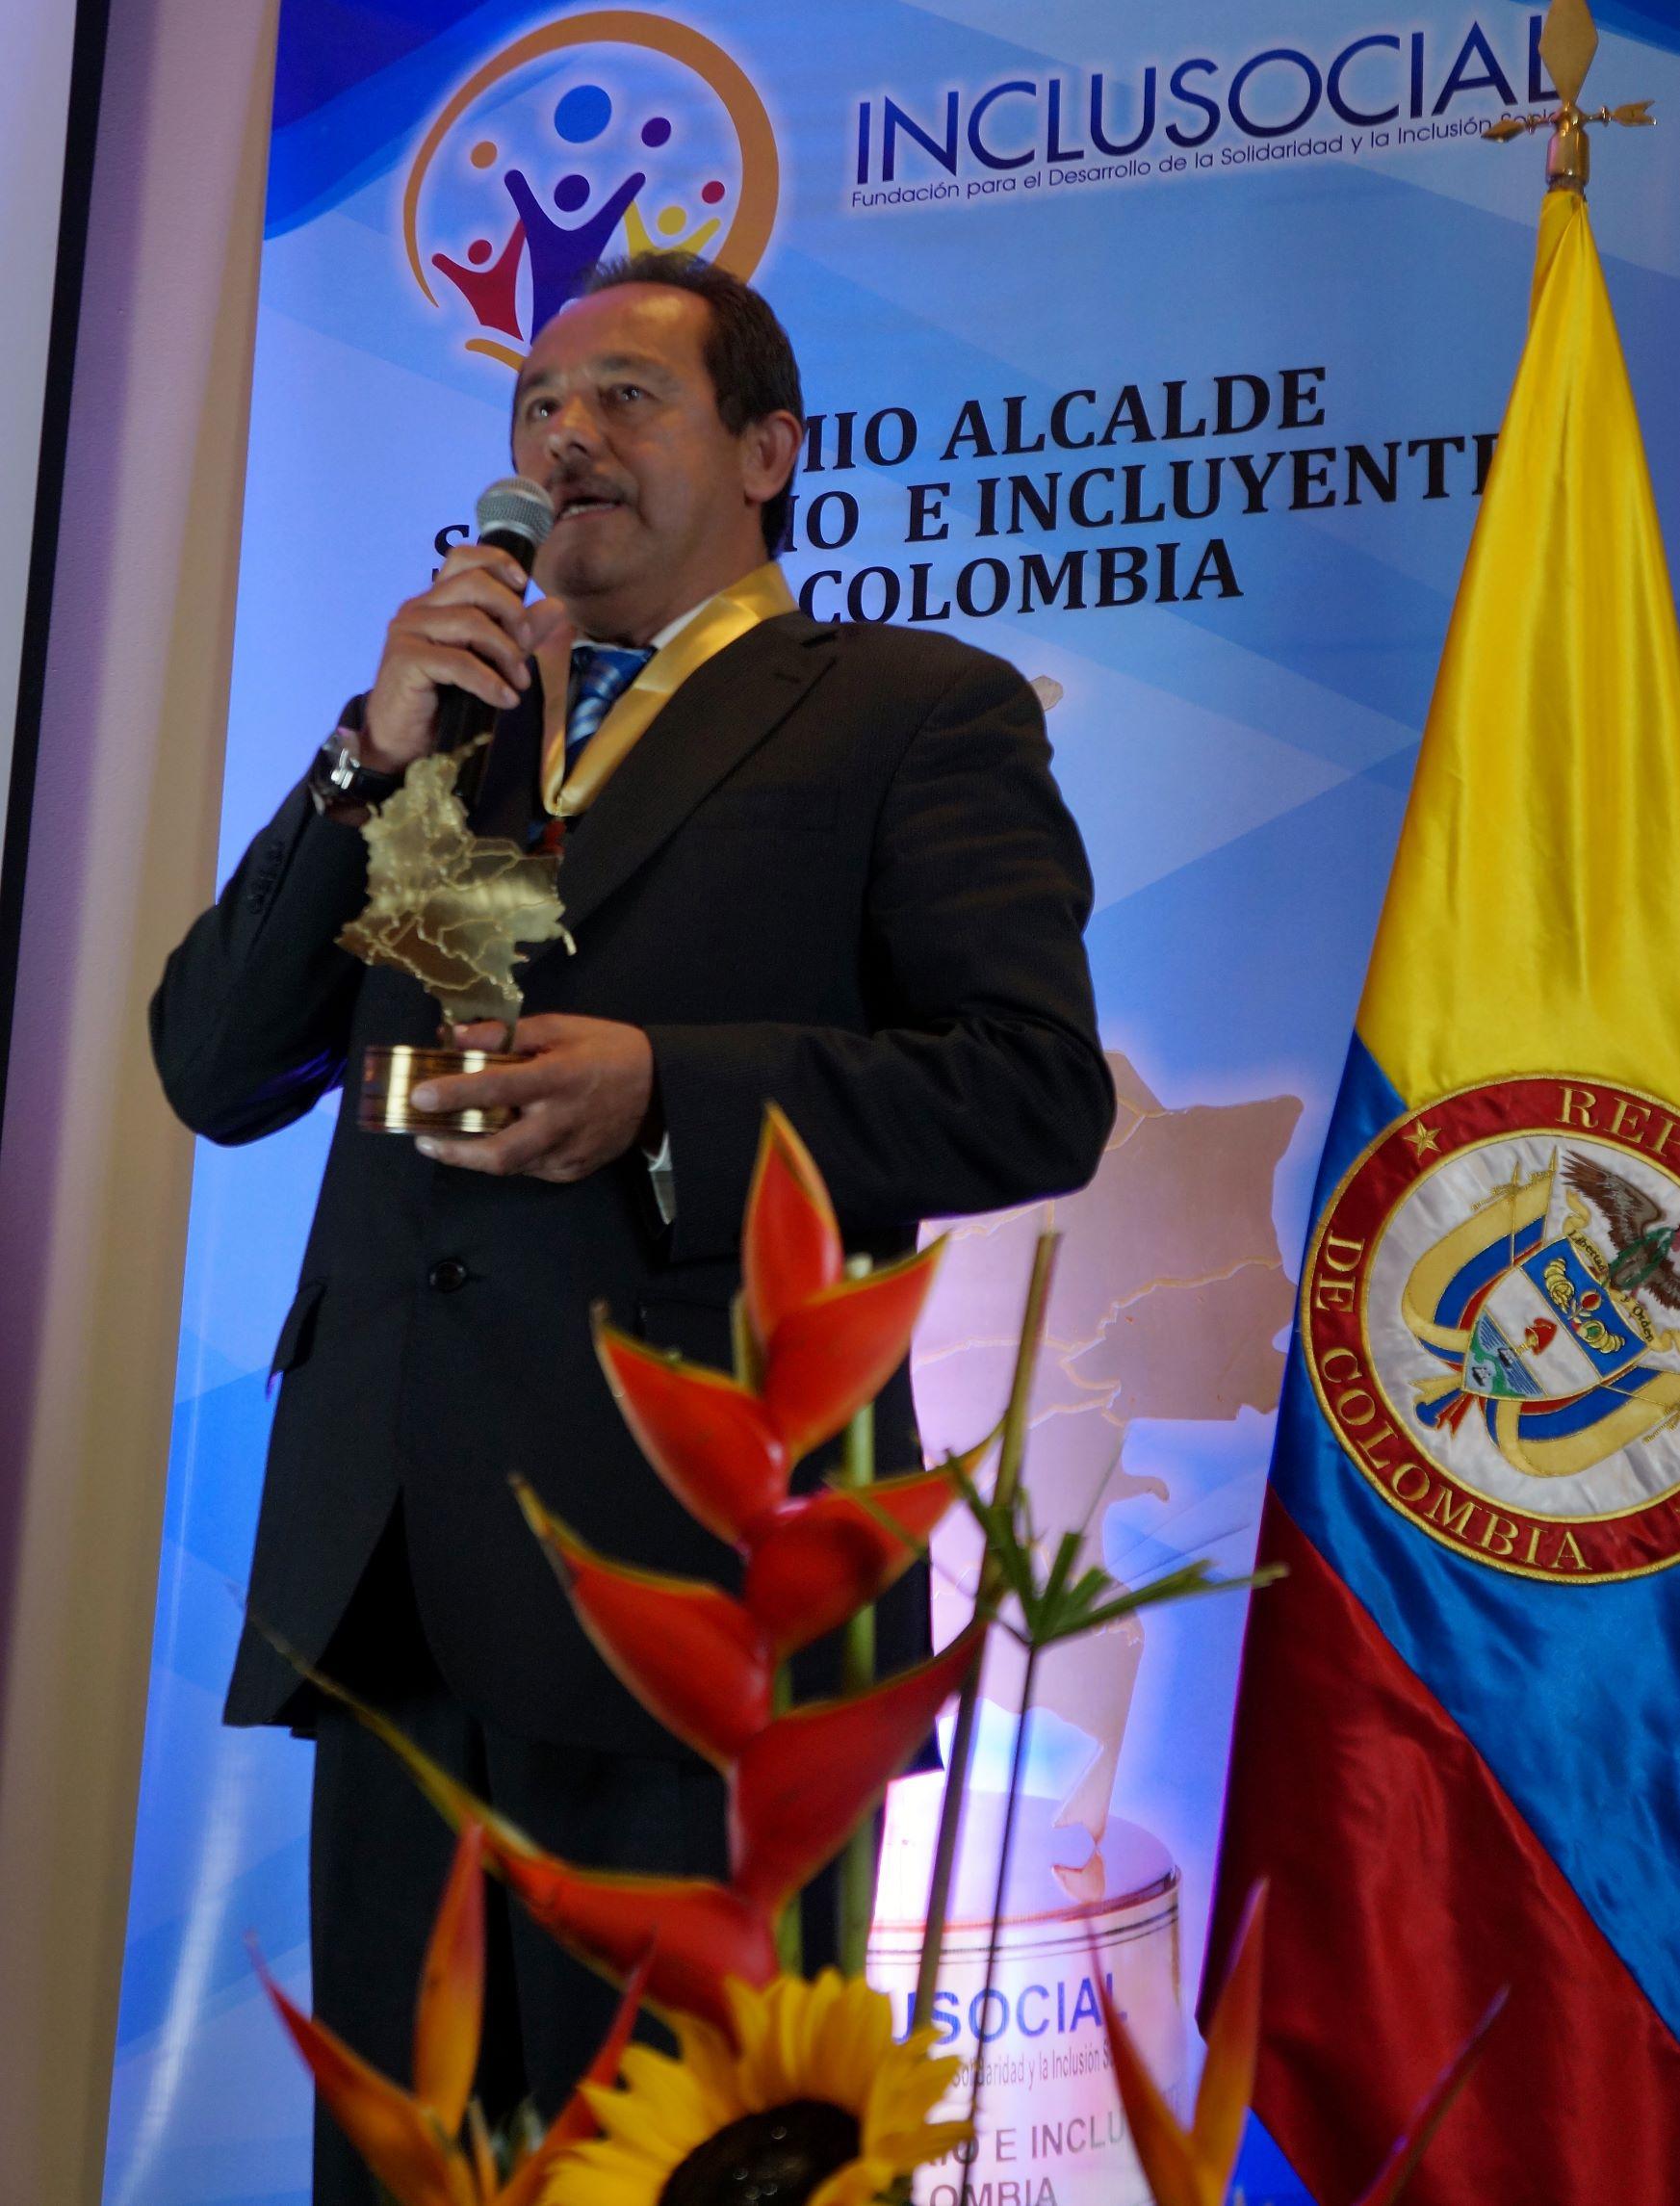 """José Joaquín Cubides, recibió el premio """"Alcalde Solidario e Incluyente de Colombia 2019″"""